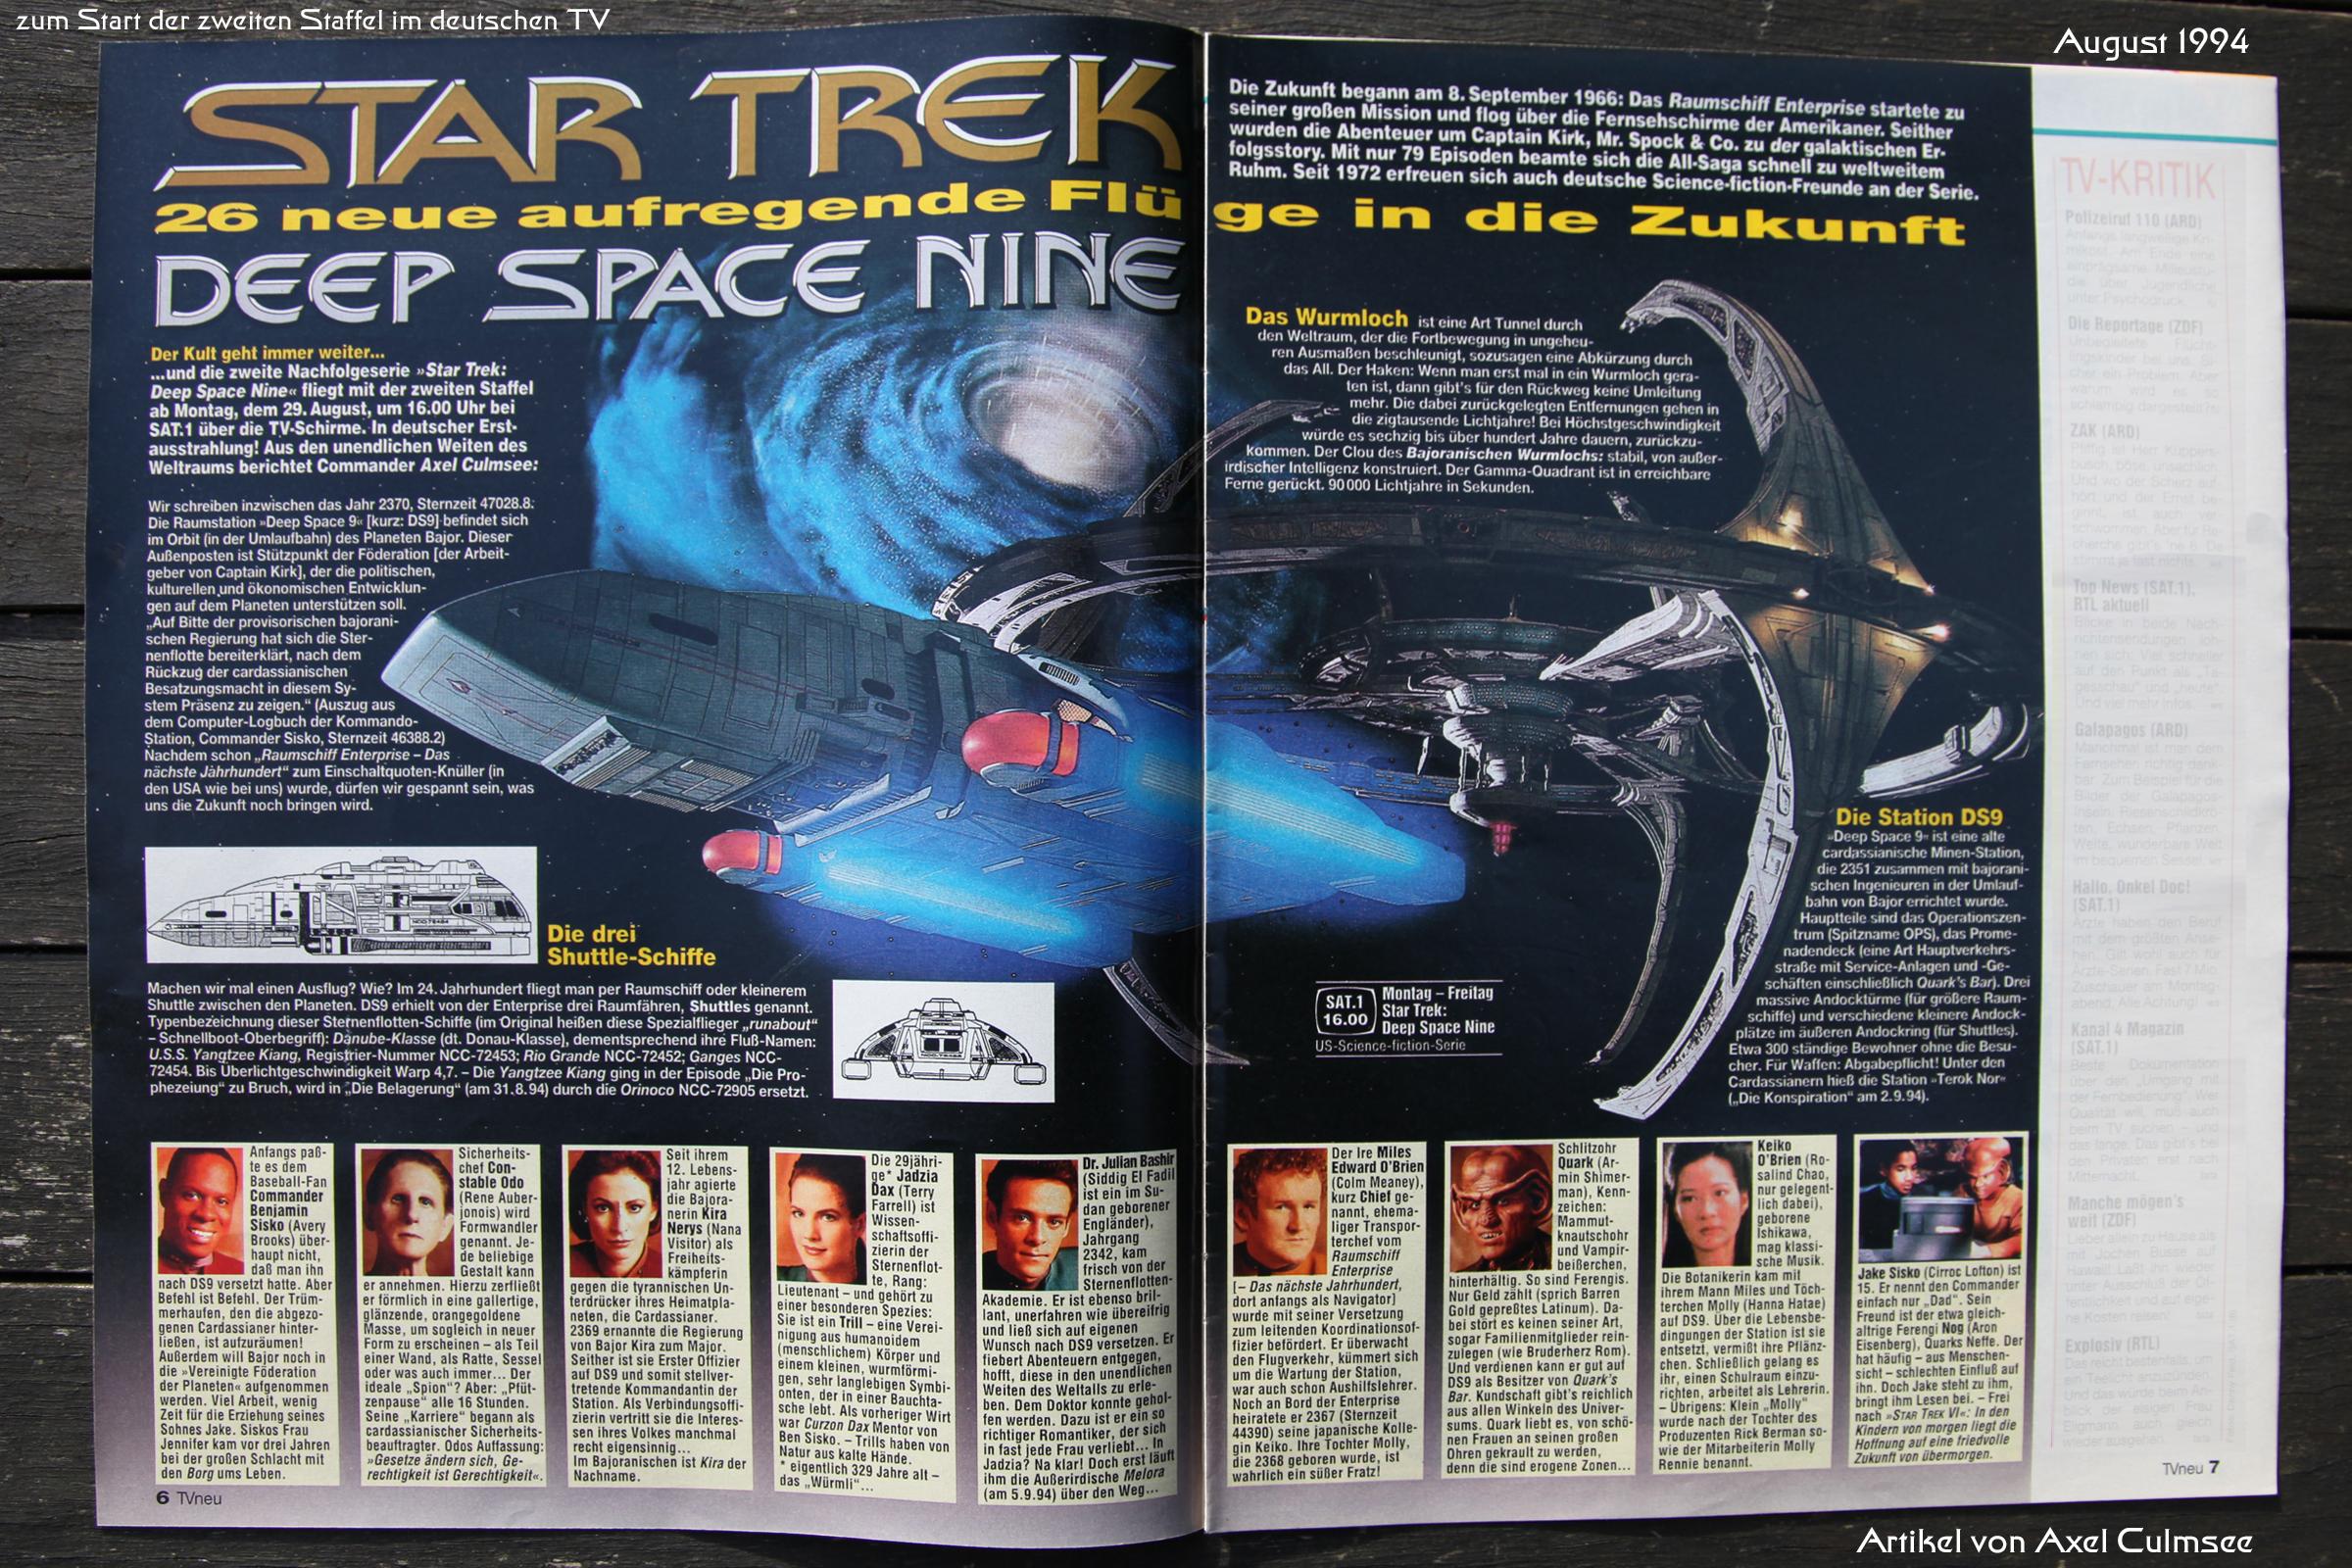 DS9-Artikel Doppelseite in TVneu 34-1994